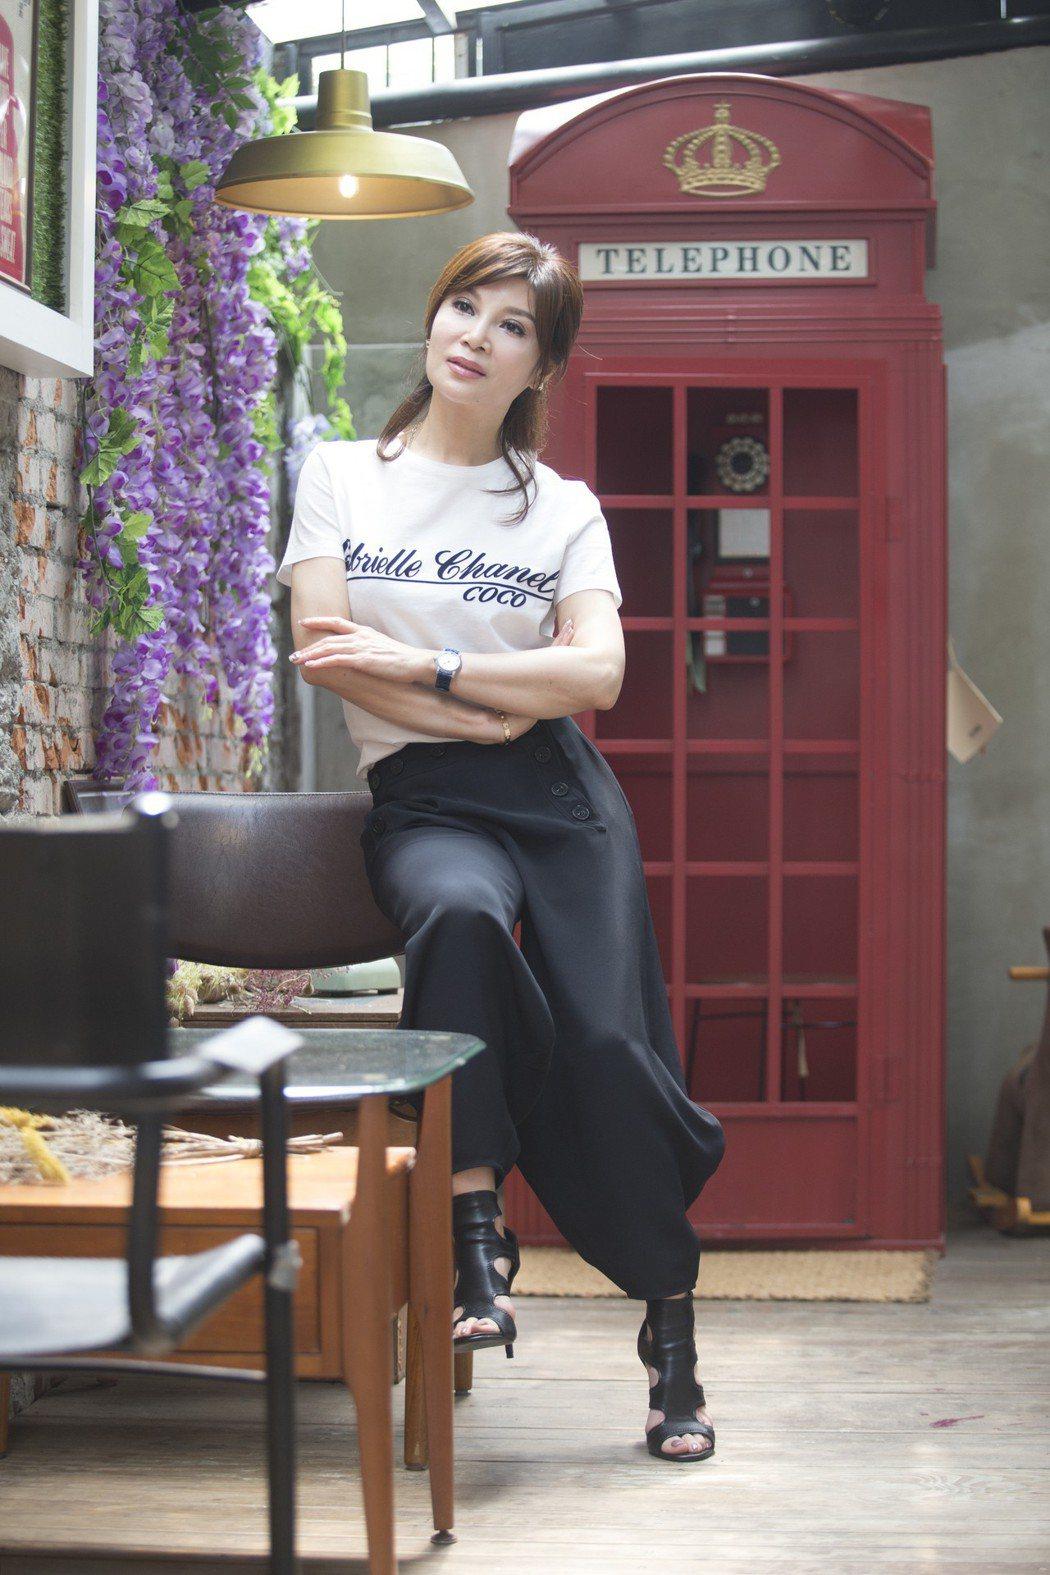 出道40年首入圍金曲獎,歌手蔡秋鳳角逐台語歌后寶座。記者陳正興/攝影